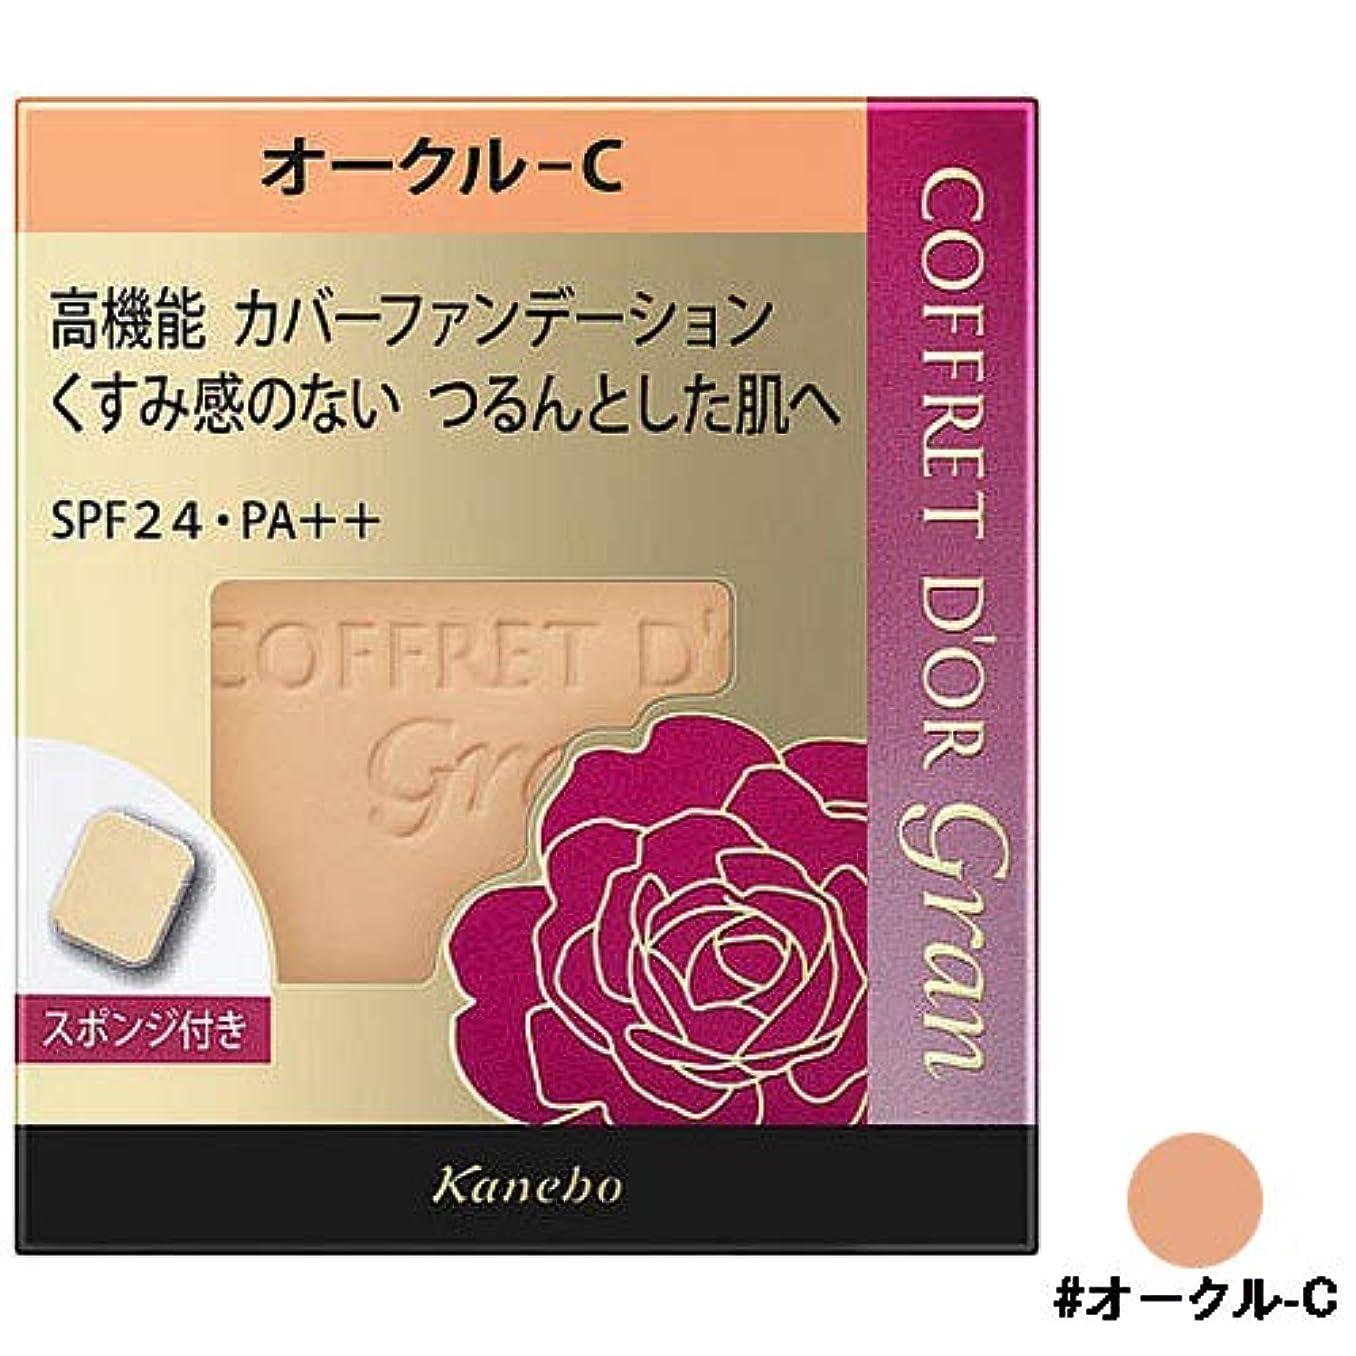 カネボウ KANEBO コフレドール グラン カバーフィット パクトUV II (レフィル) #オークル-C [並行輸入品]